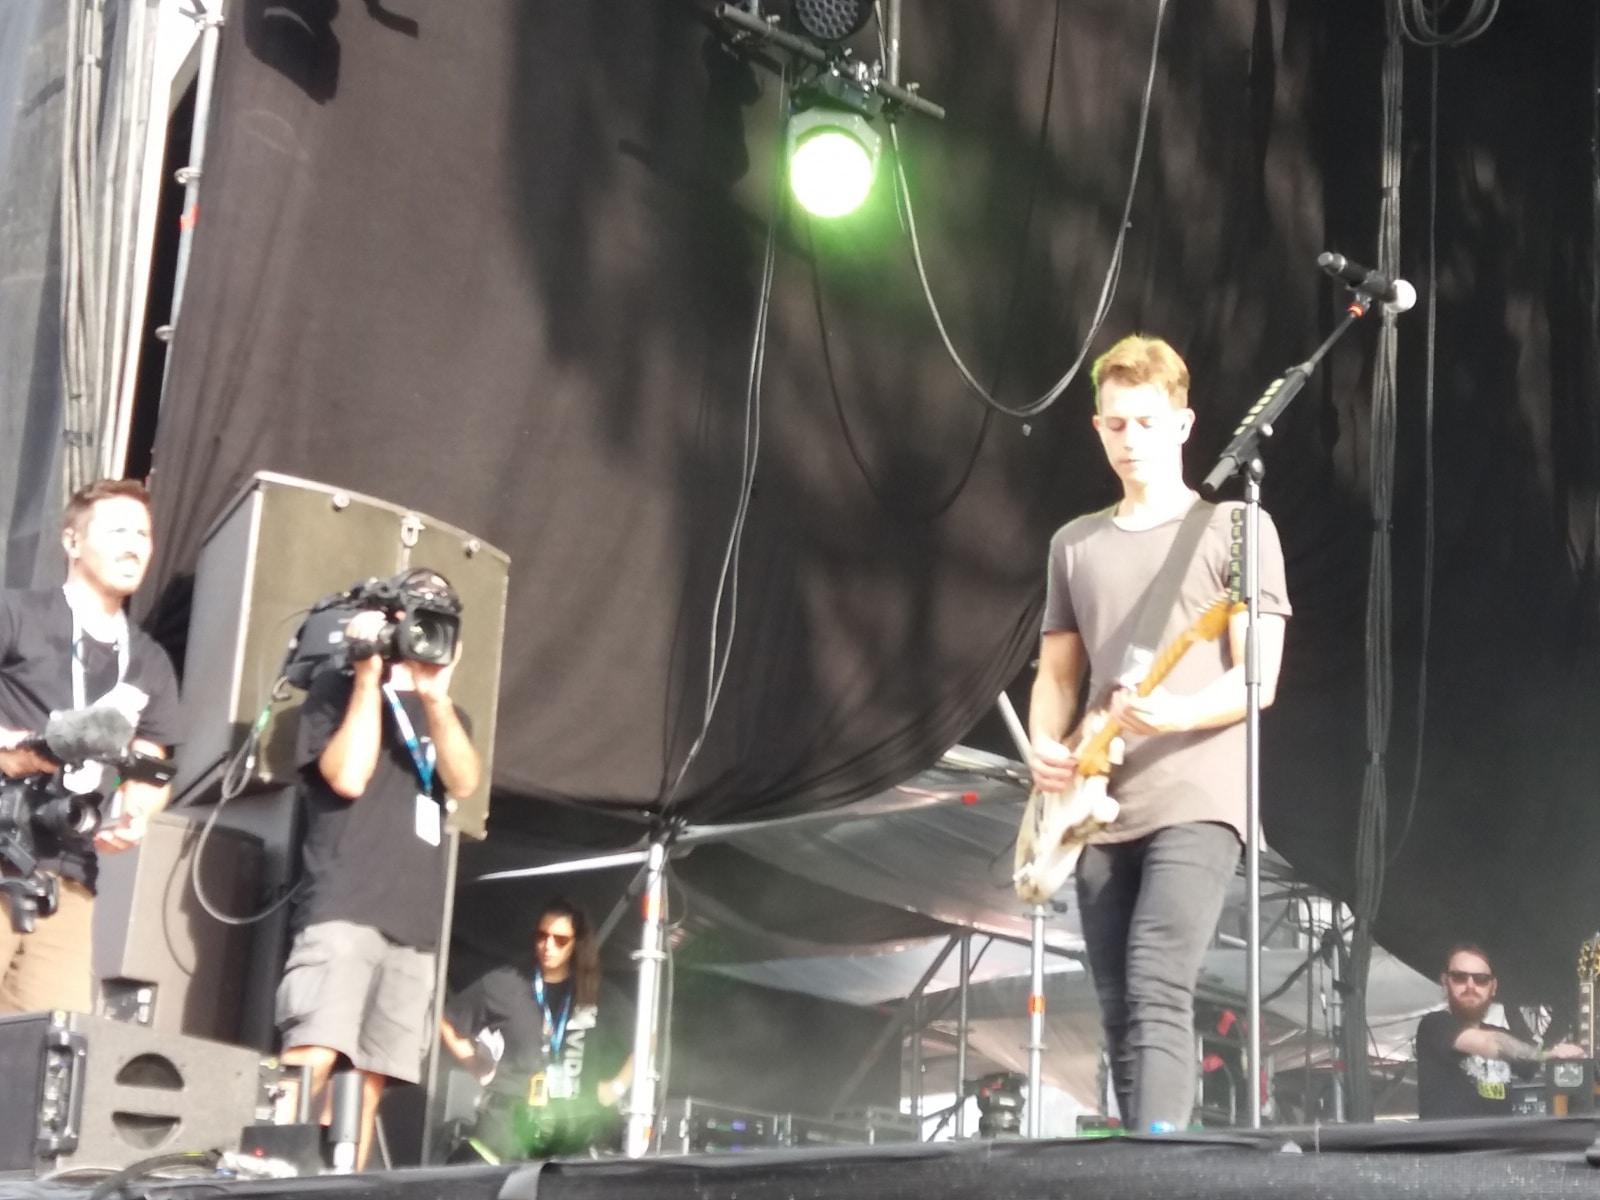 3-de-septiembre-de-2016-gibraltar-music-festival-48_28818200523_o